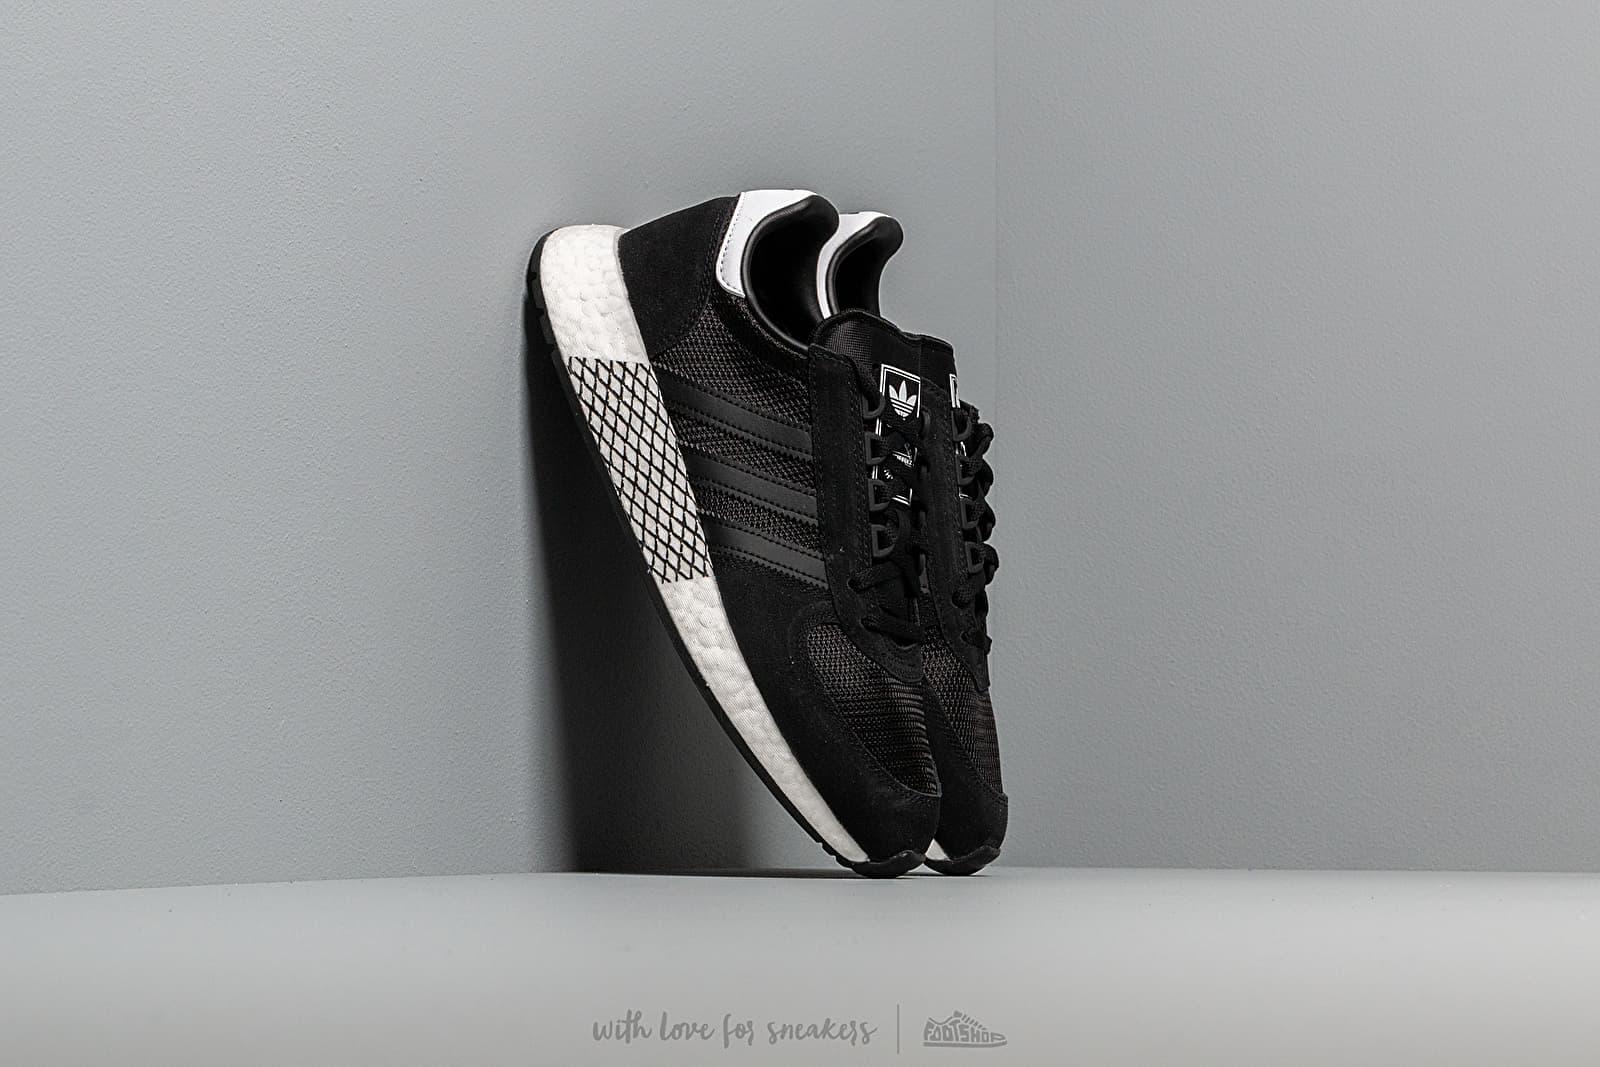 Ανδρικά παπούτσια adidas Marathon Tech Core Black/ Core Black/ Ftw White